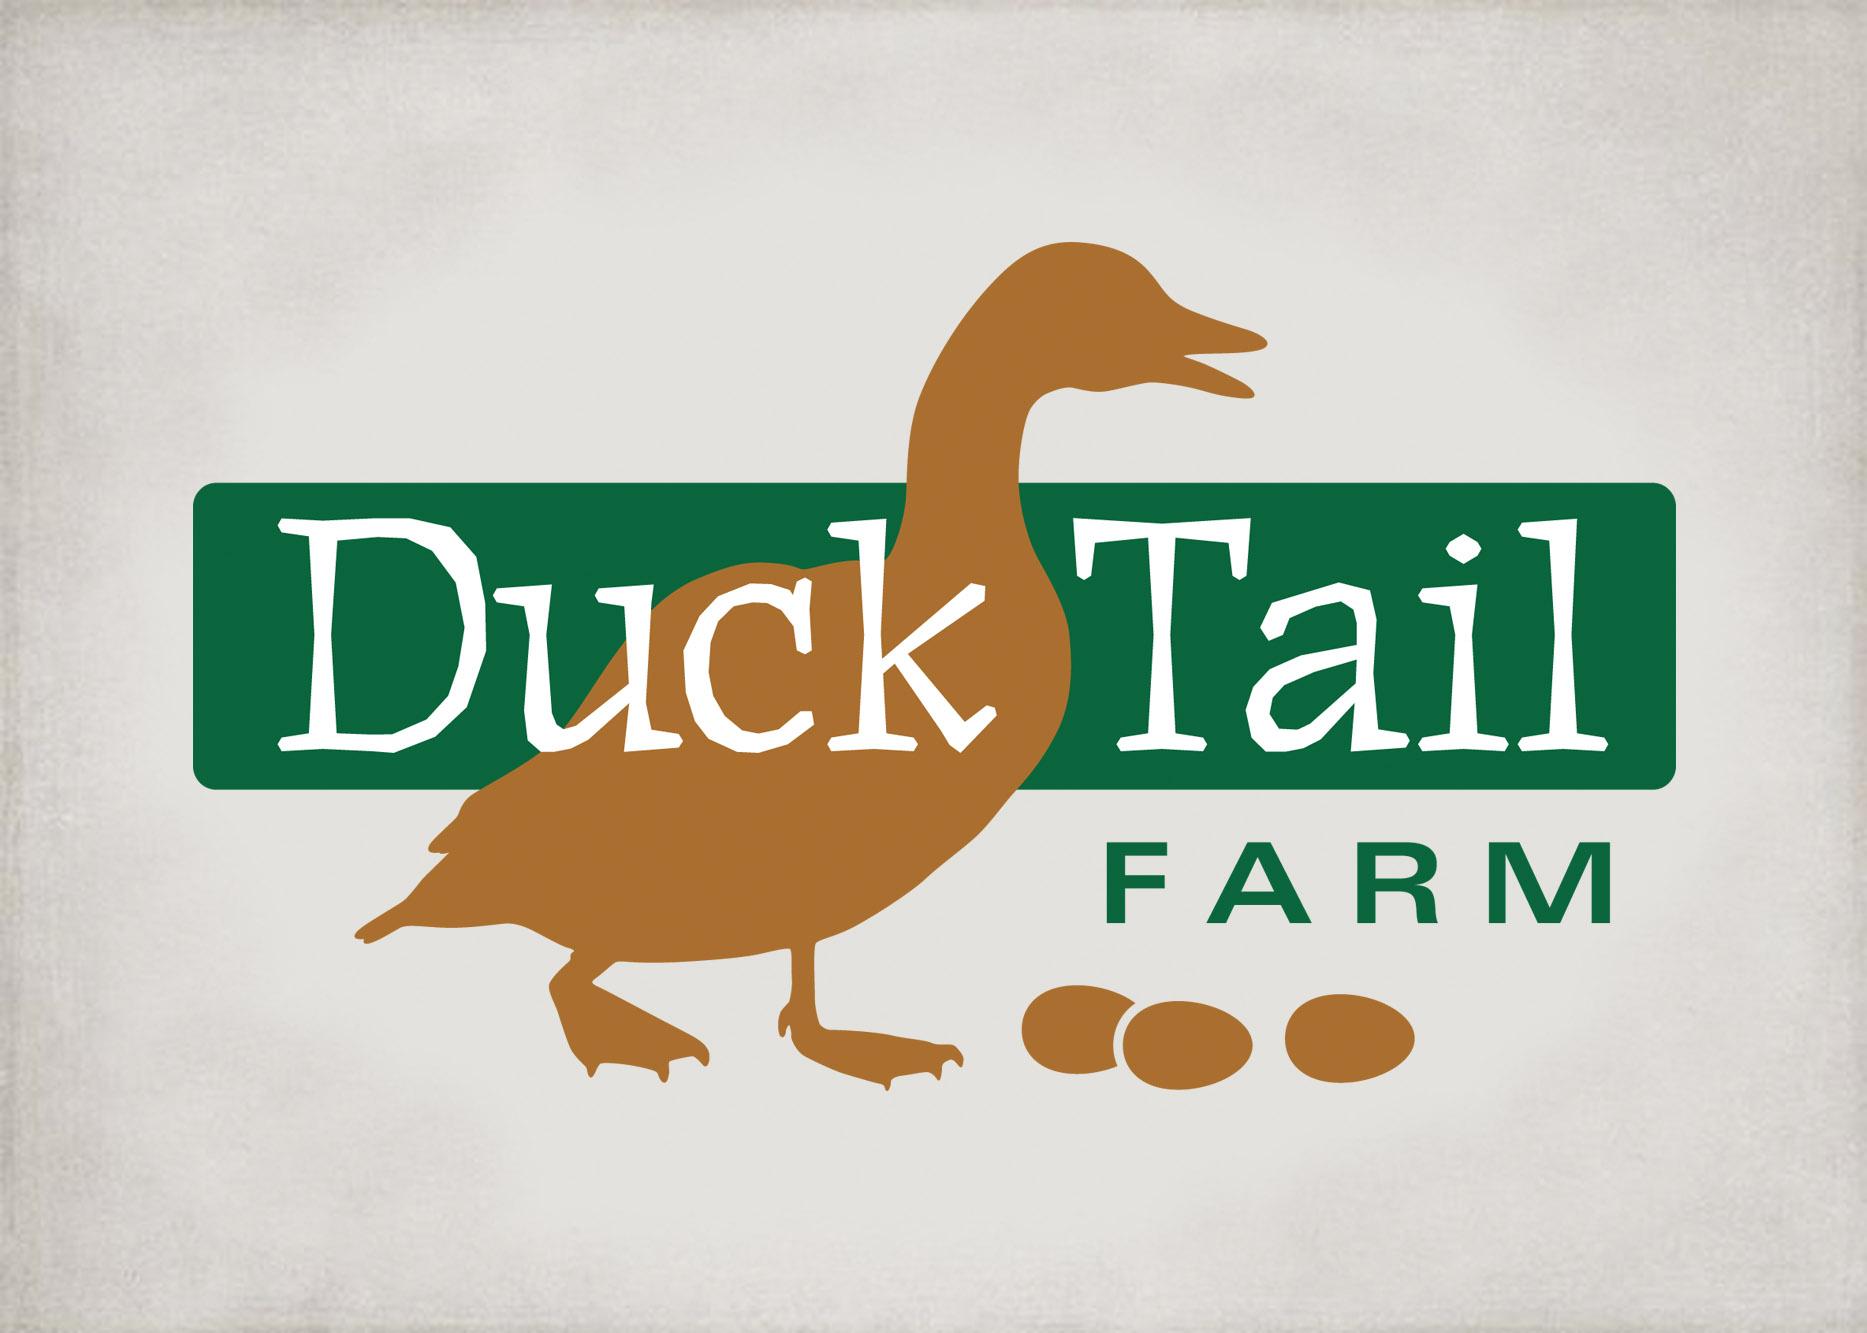 Duck Tail Farm